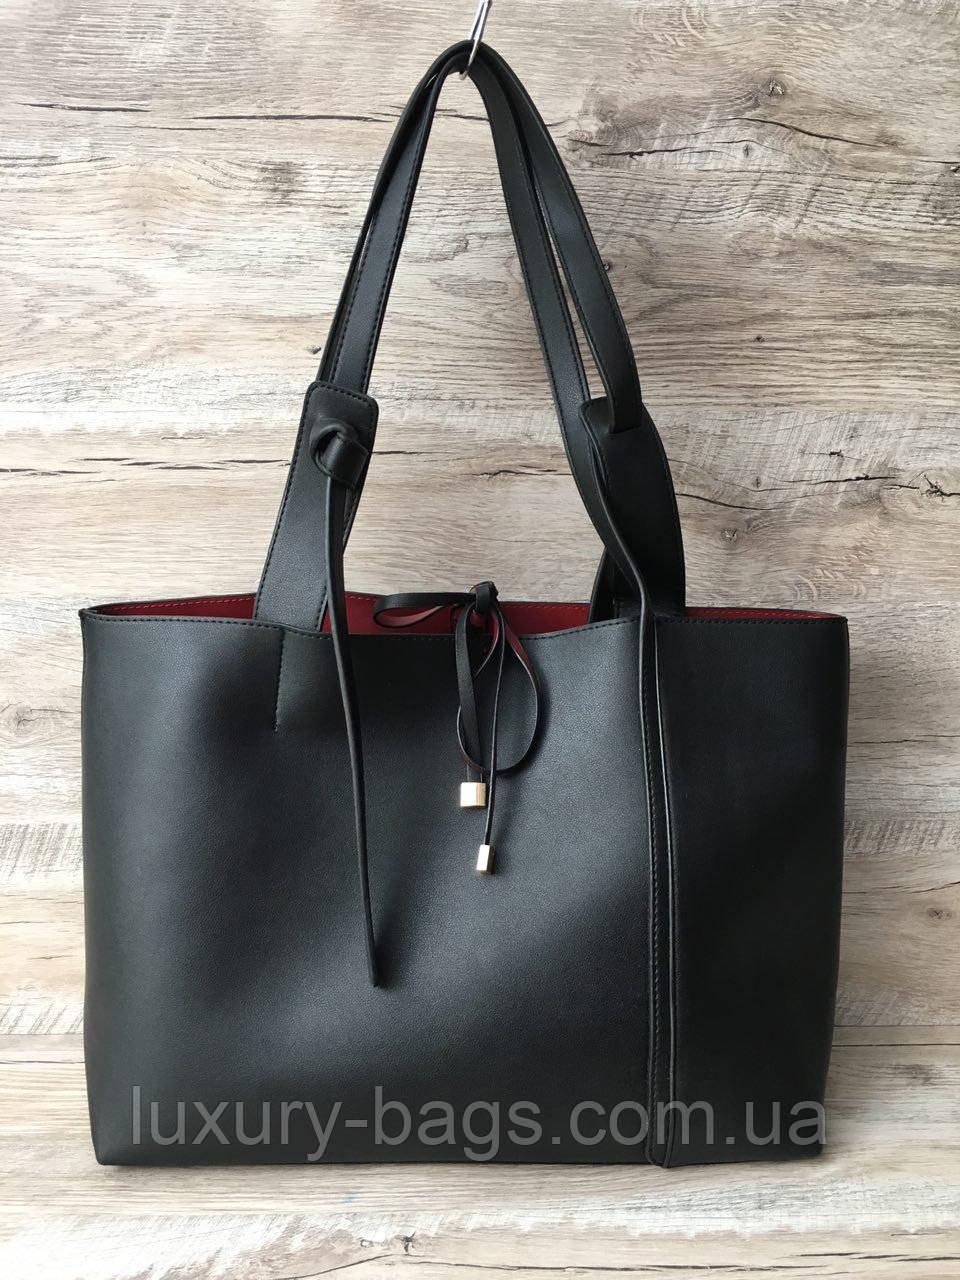 Модна жіноча сумка з червоним подкладом